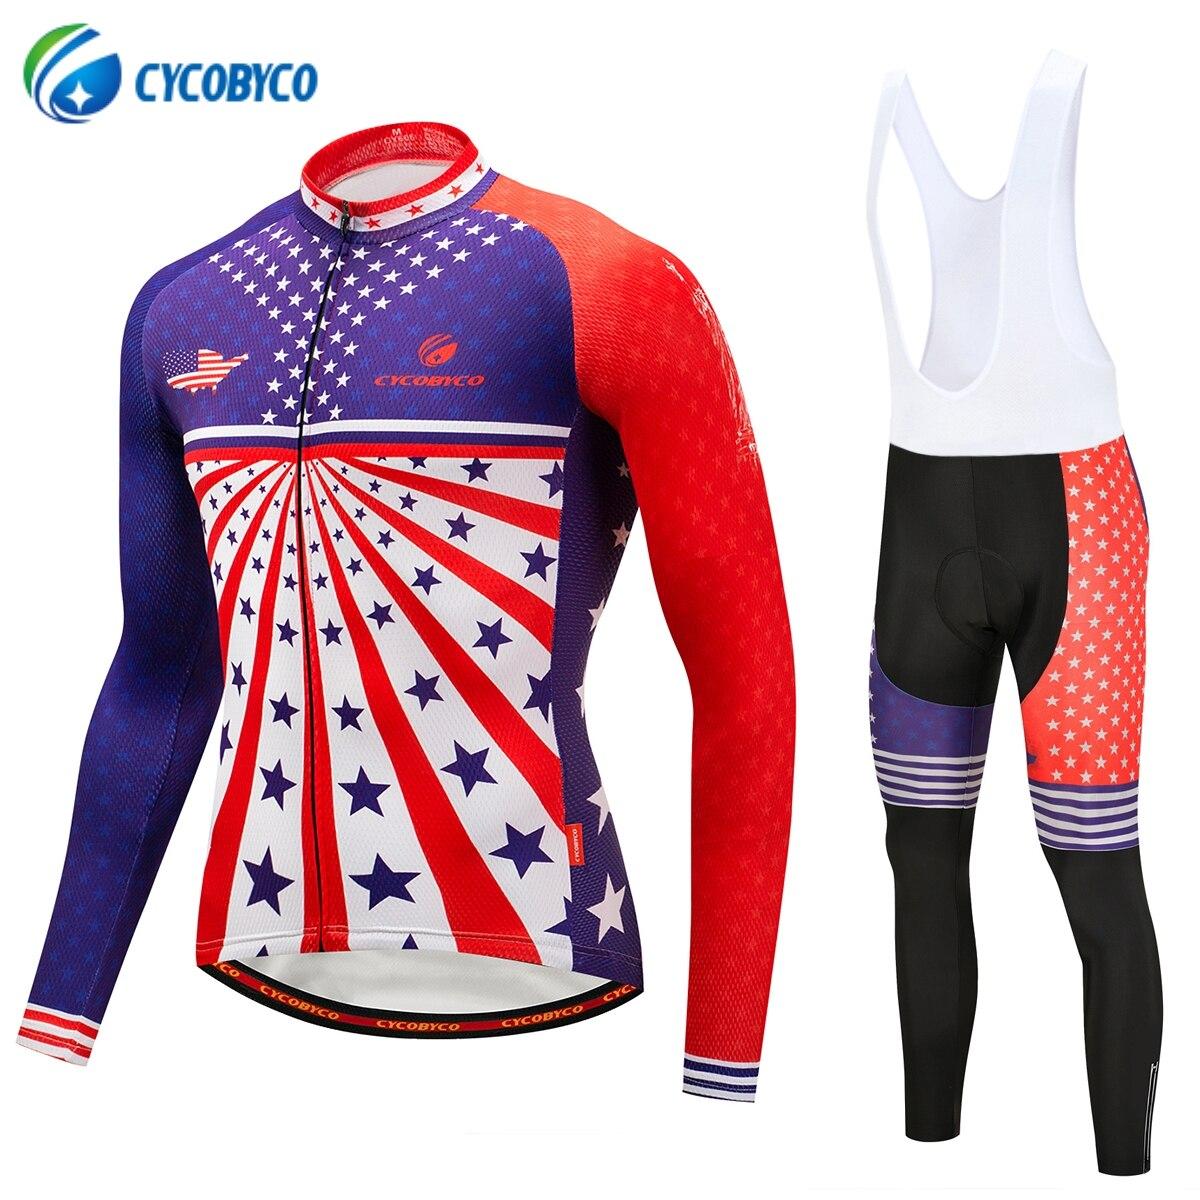 Nouveau Maillot de cyclisme ensembles à manches longues VTT vêtements porter Maillot Ropa Ciclismo séchage rapide course vélo vêtements Style USA